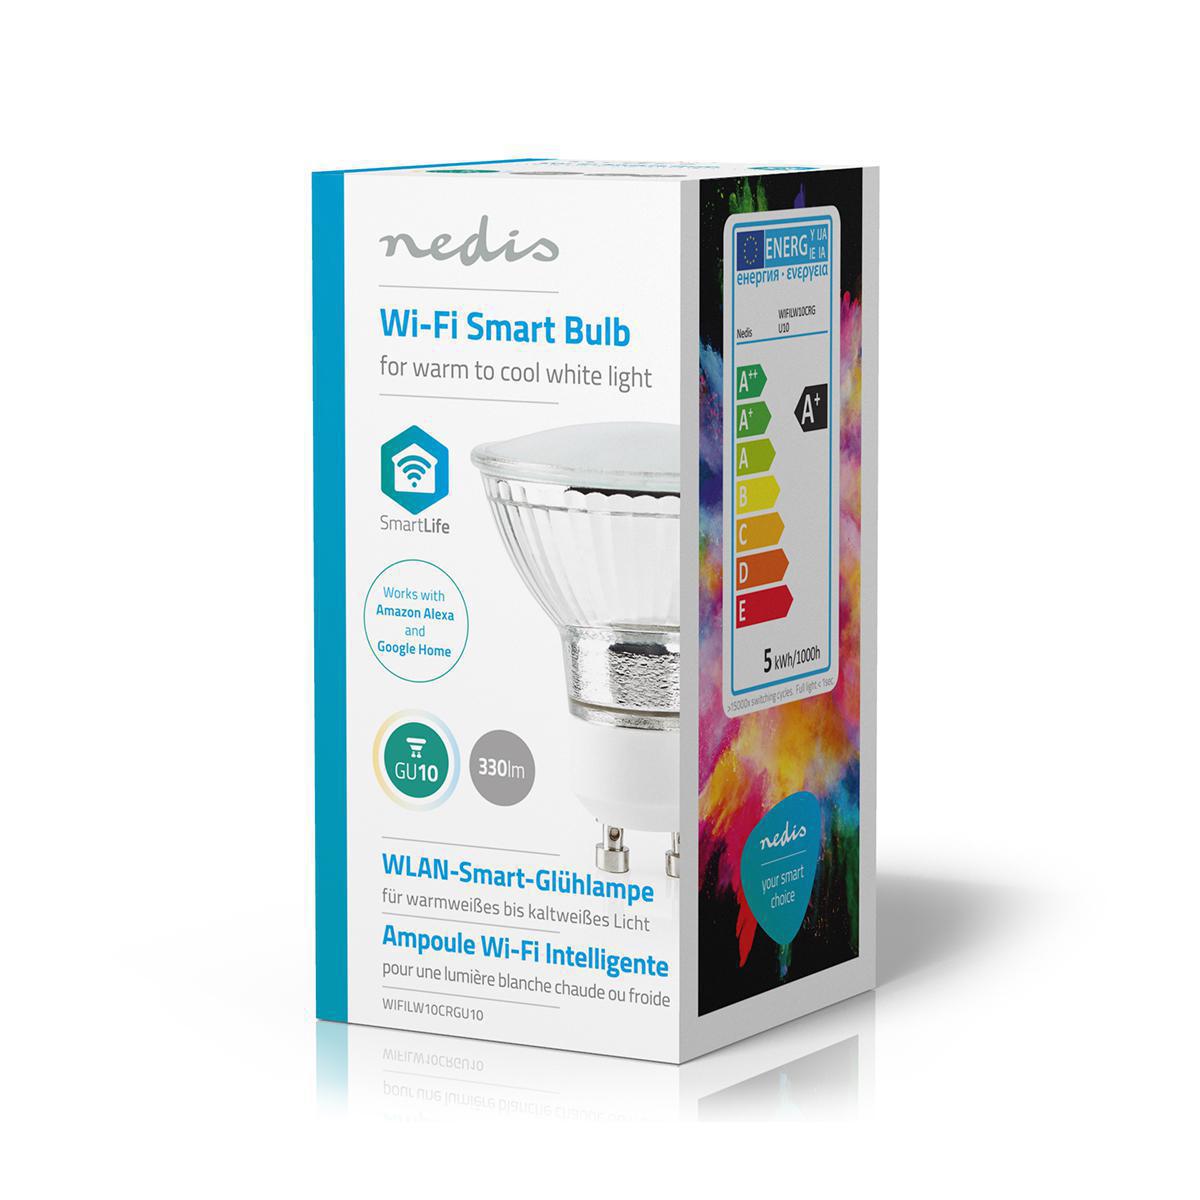 LED WiFi Smart Gu10 spot - 2700K - 6500K - Dimbaar - Warm naar koud wit - zijkant verpakking